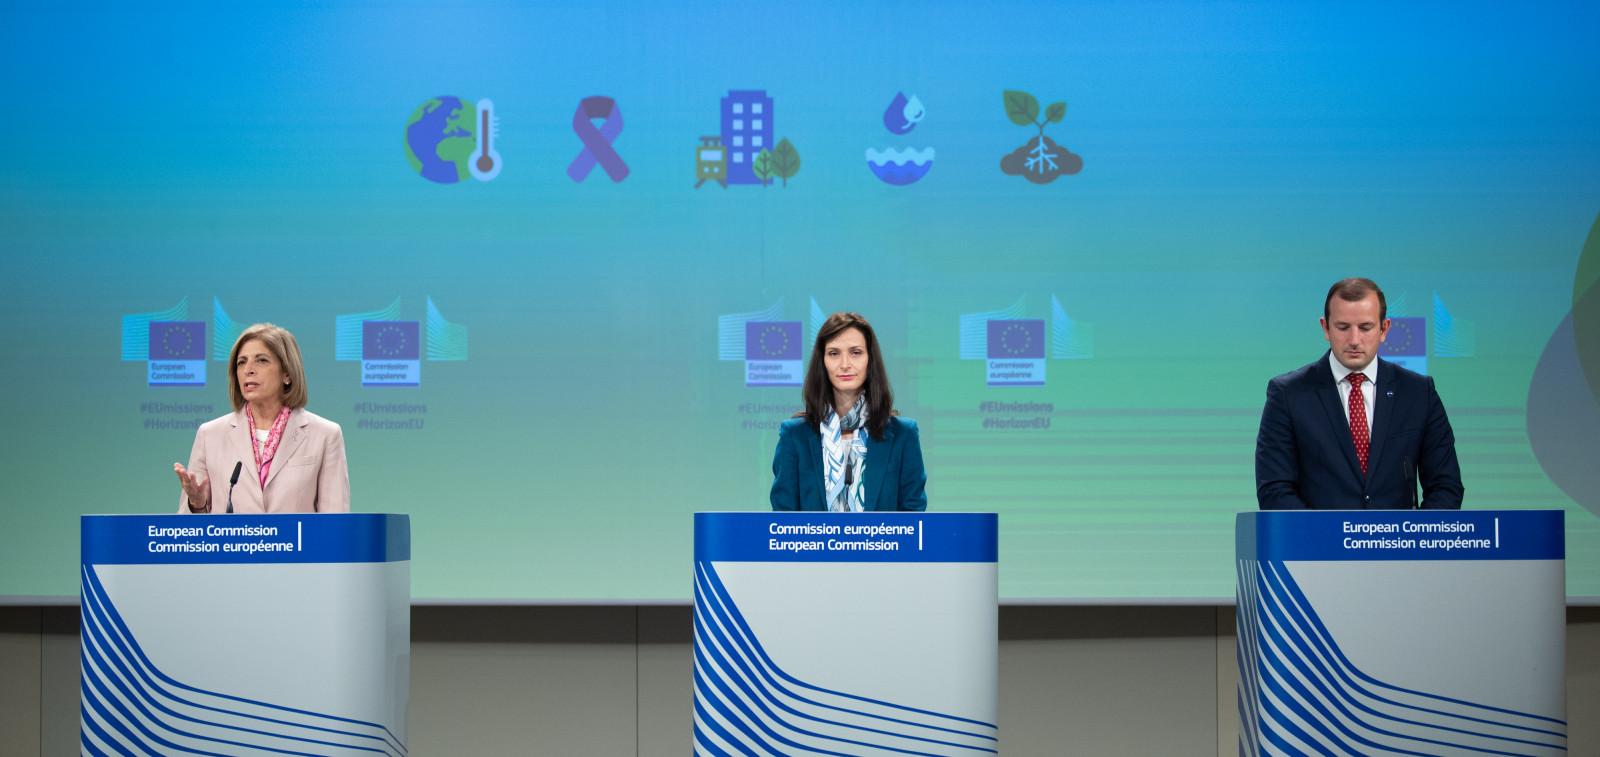 Komission tiedotustilaisuus missioihin liittyen